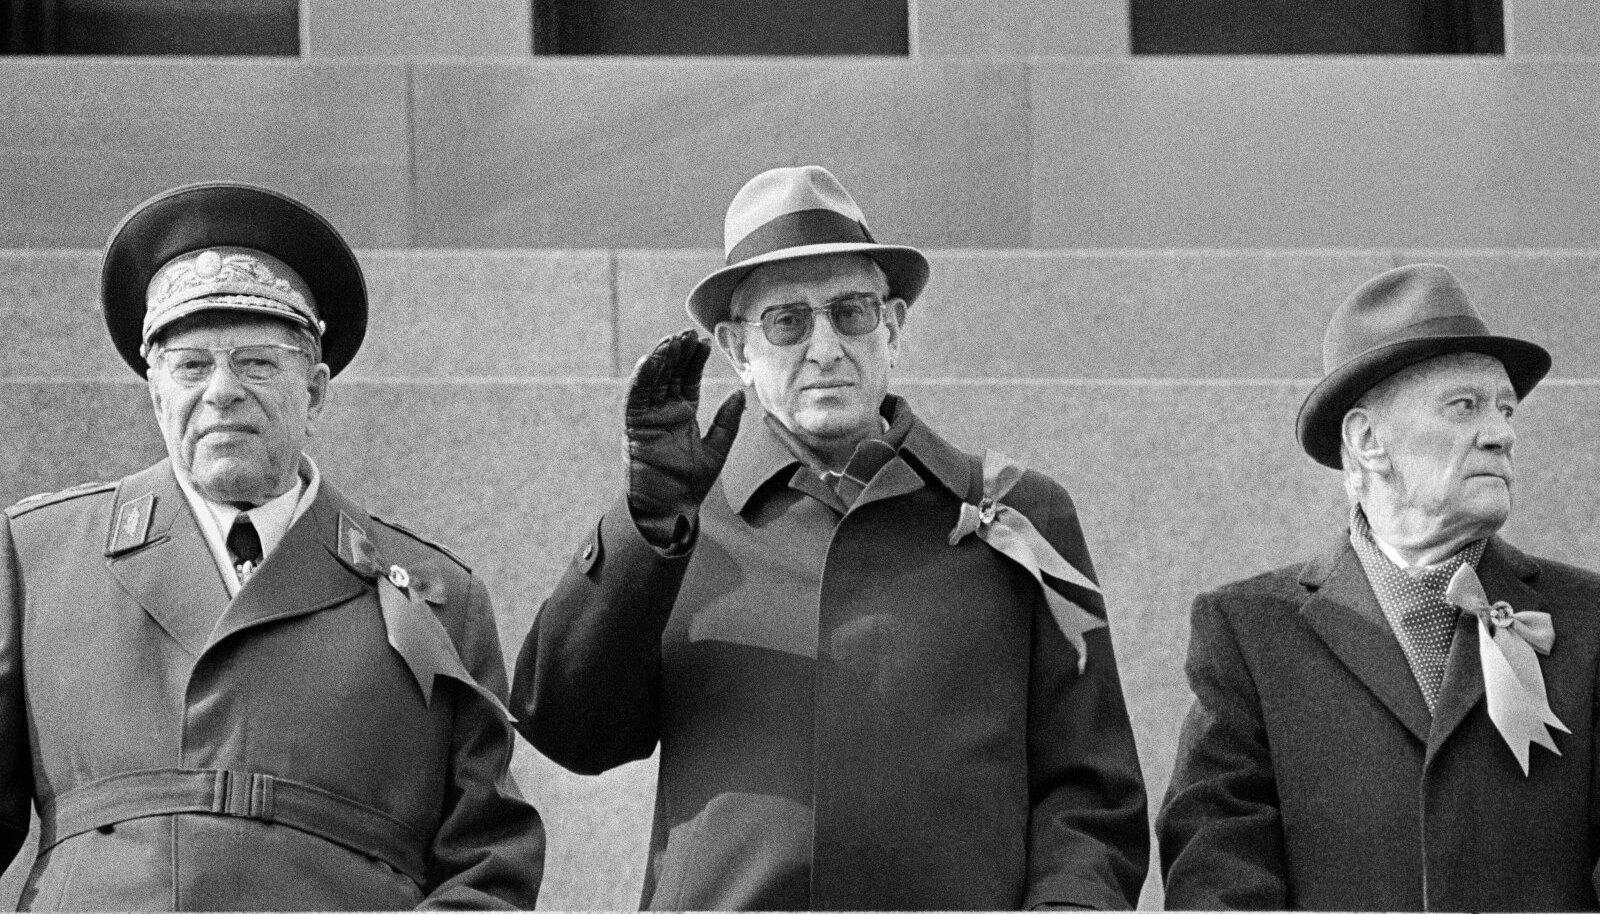 Kaitseminister marssal Dmitri Ustinov, Juri Andropov ja ministrite nõukogu esimees Nikolai Tihhonov Kremli tribüüni.